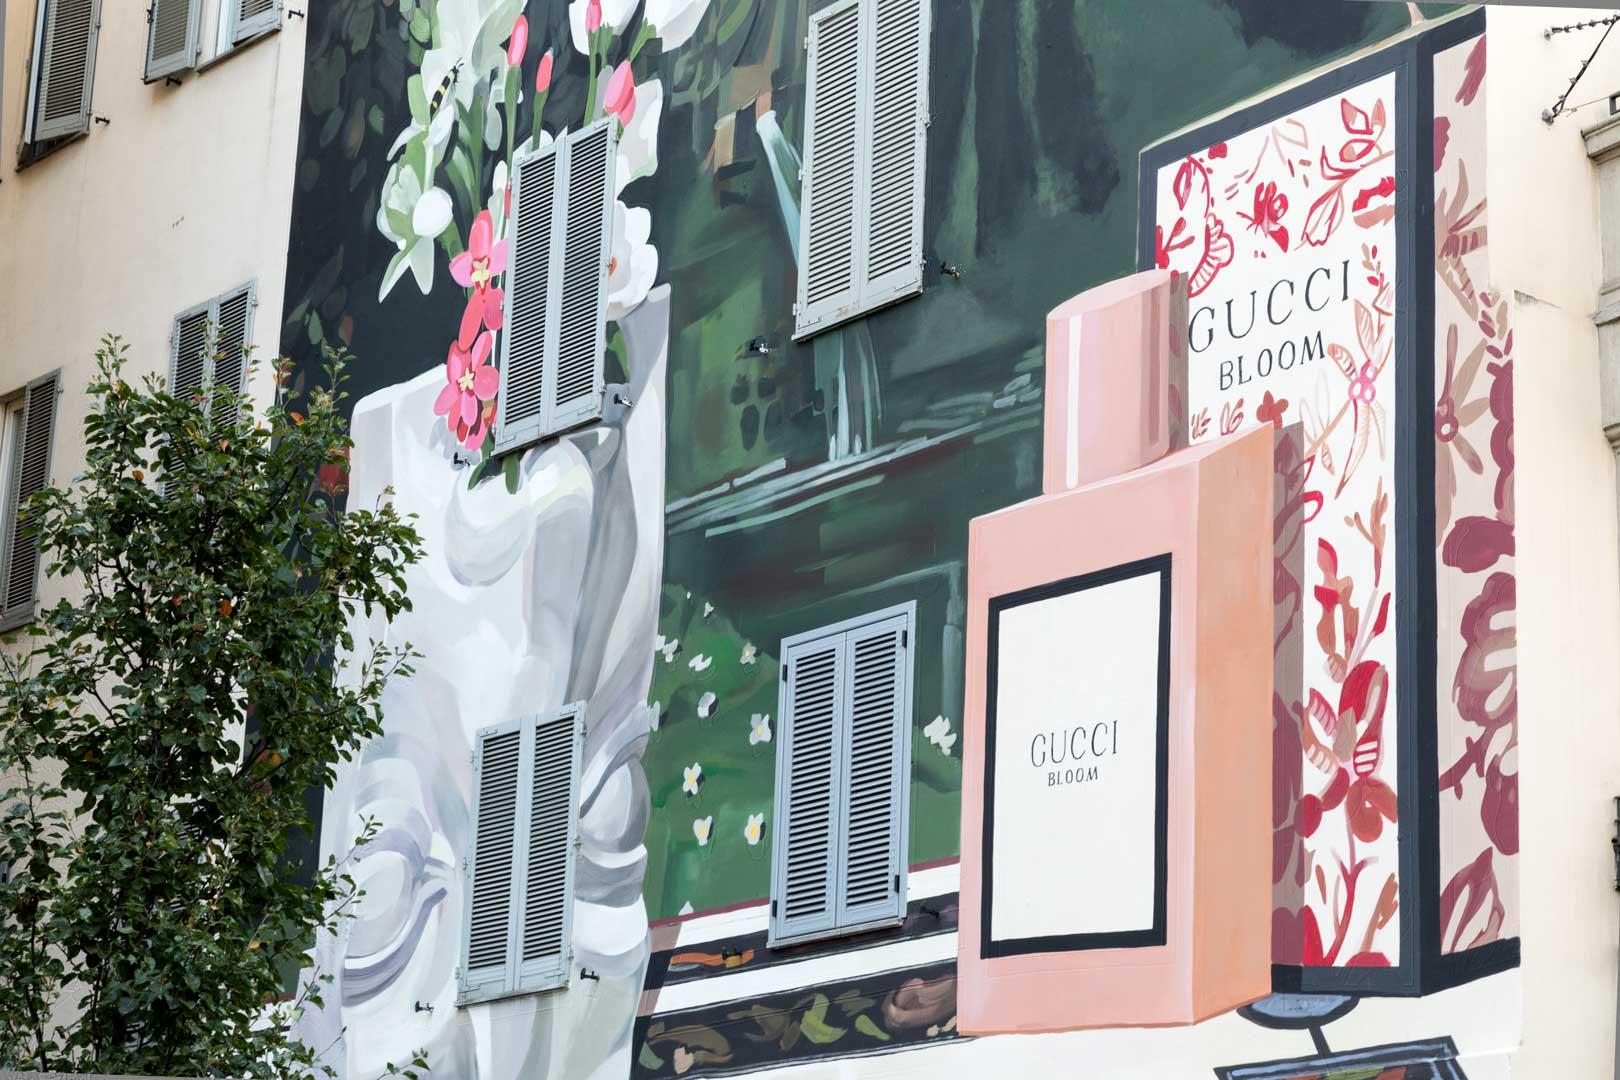 gucci-art-wall-close-up